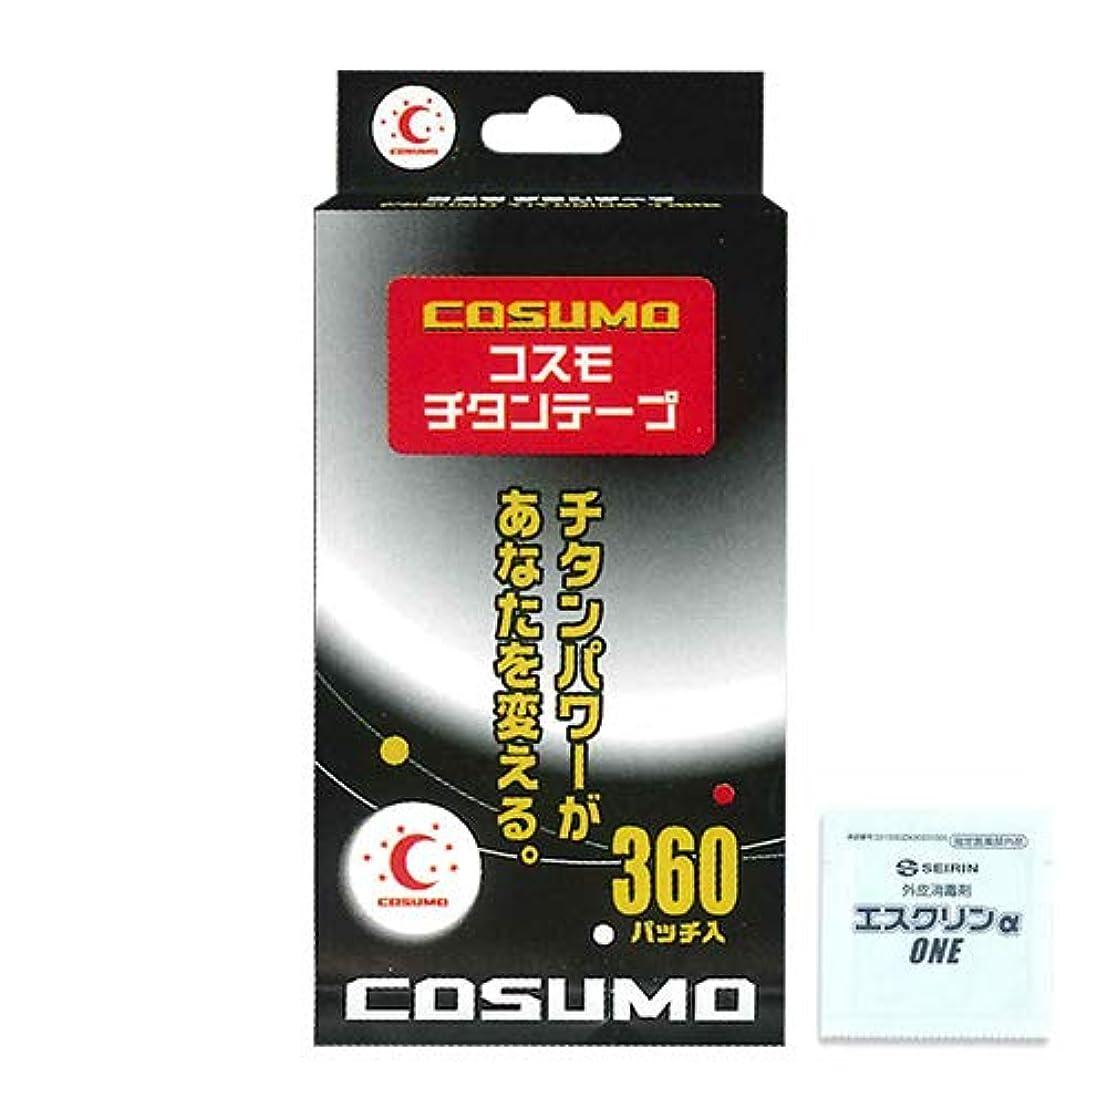 しっかり今ソース日進医療器:コスモチタンテープ 360パッチ入×3個セット + エスクリンONE1包セット